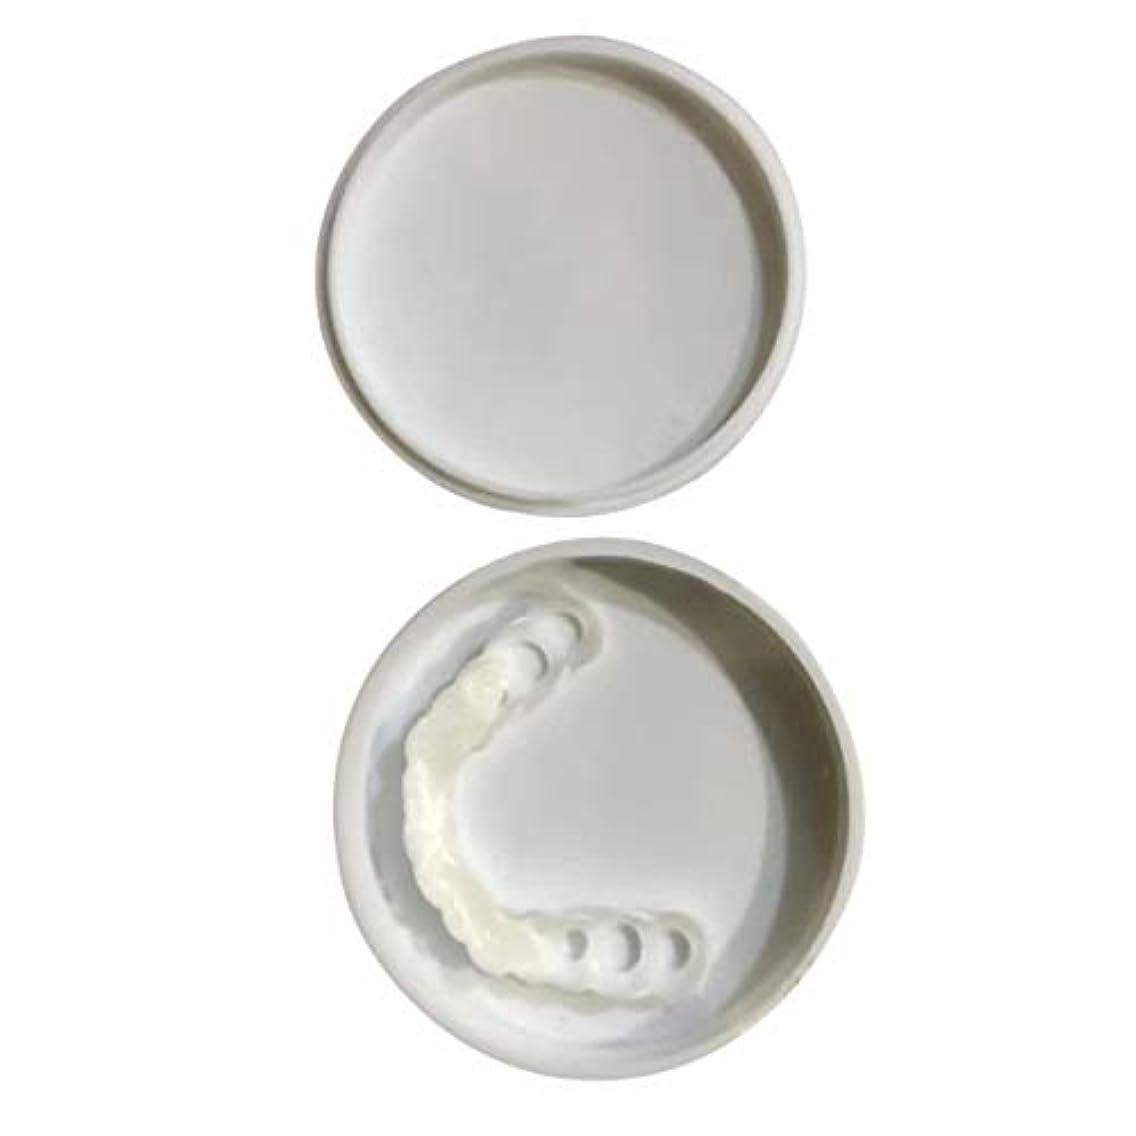 補助金影響するファンタジー快適なスナップオン男性女性歯インスタントパーフェクトスマイルコンフォートフィットフレックス歯フィットホワイトニング笑顔偽歯カバー - ホワイト